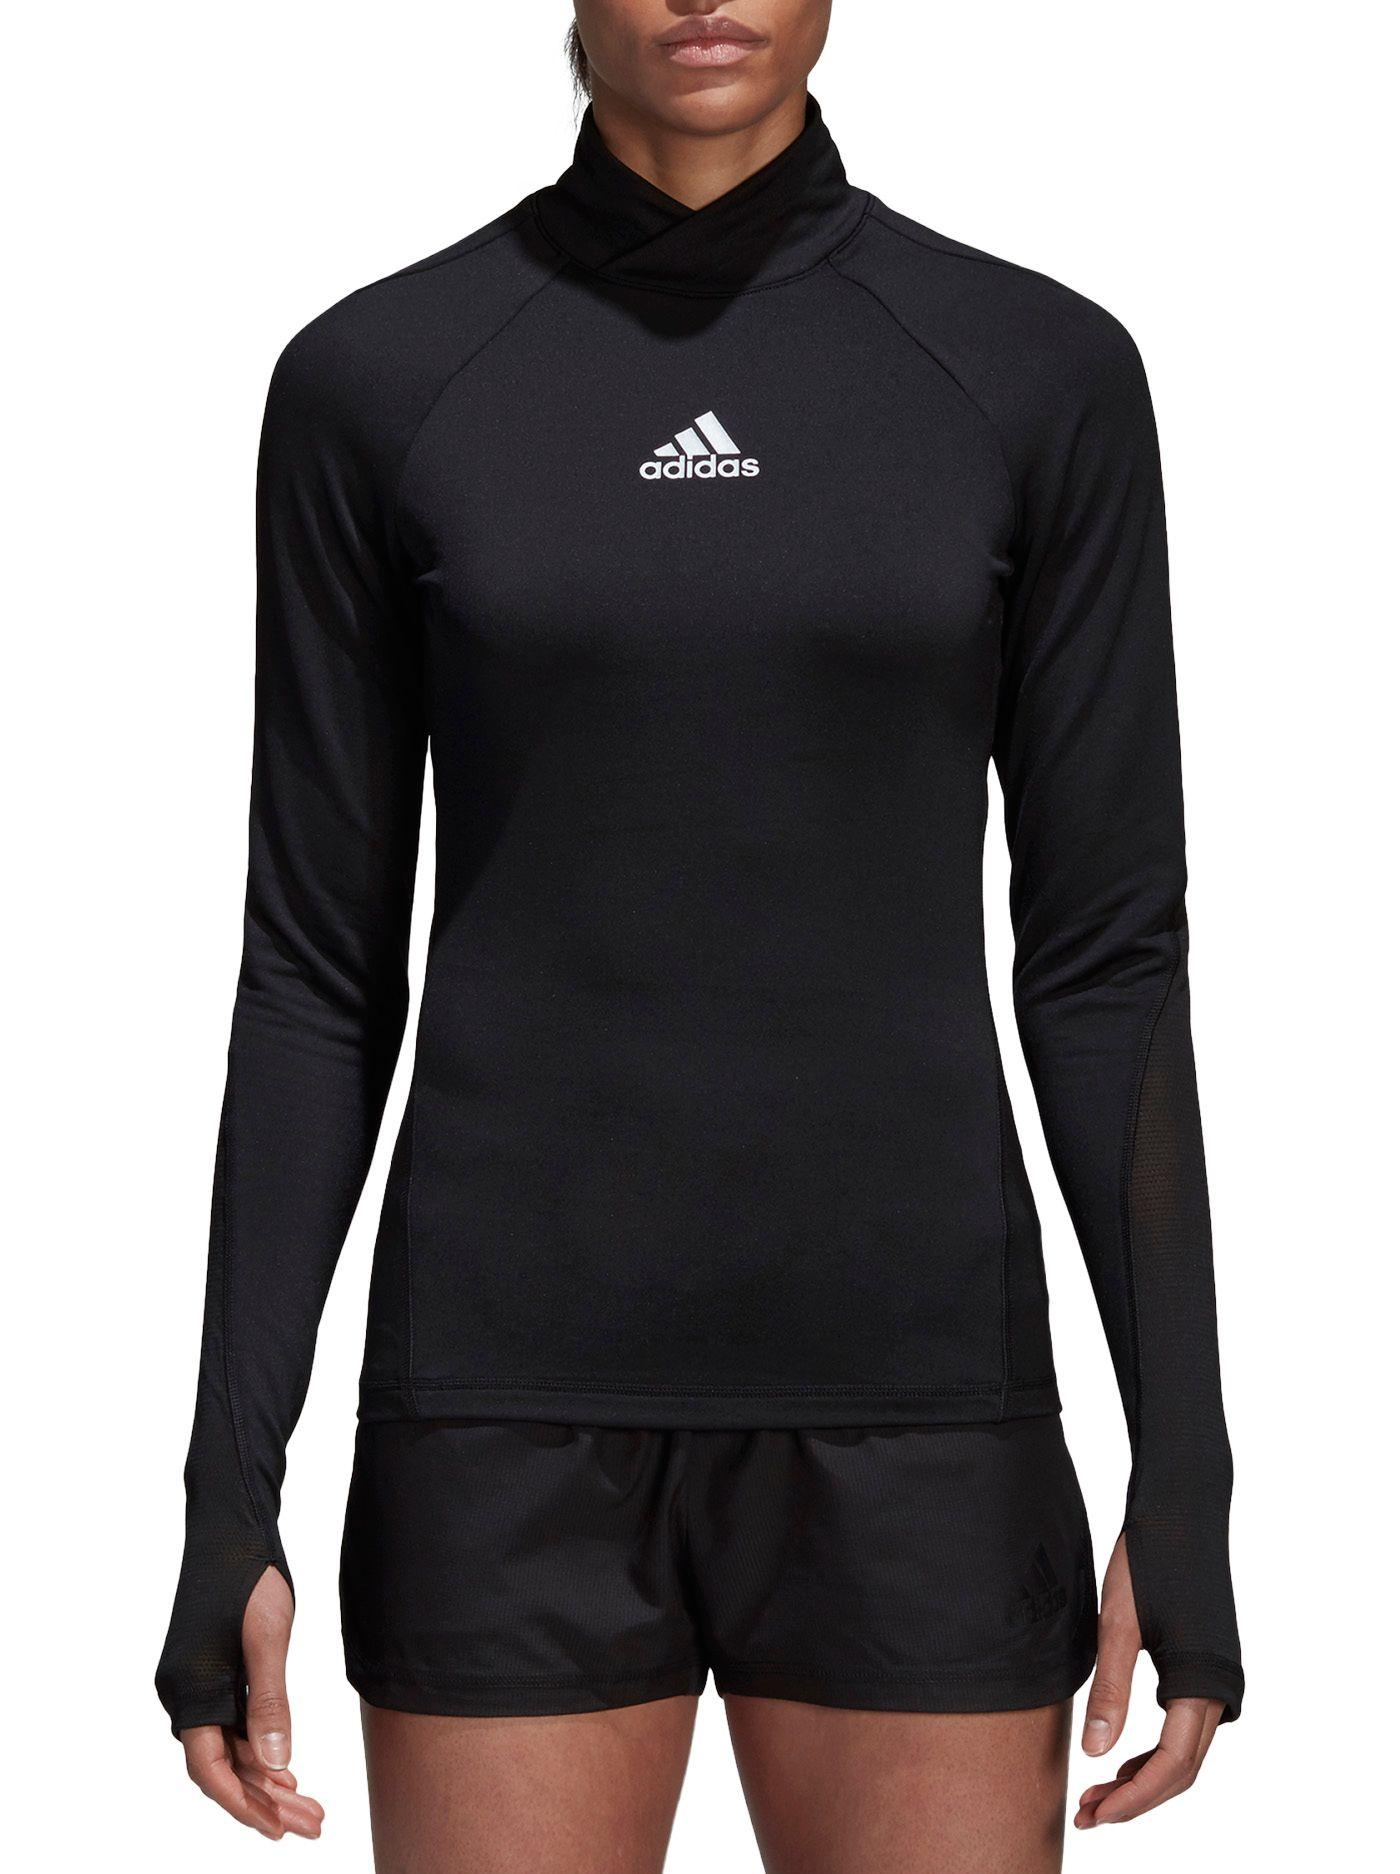 adidas Women's Alphaskin Long Sleeve Soccer Shirt